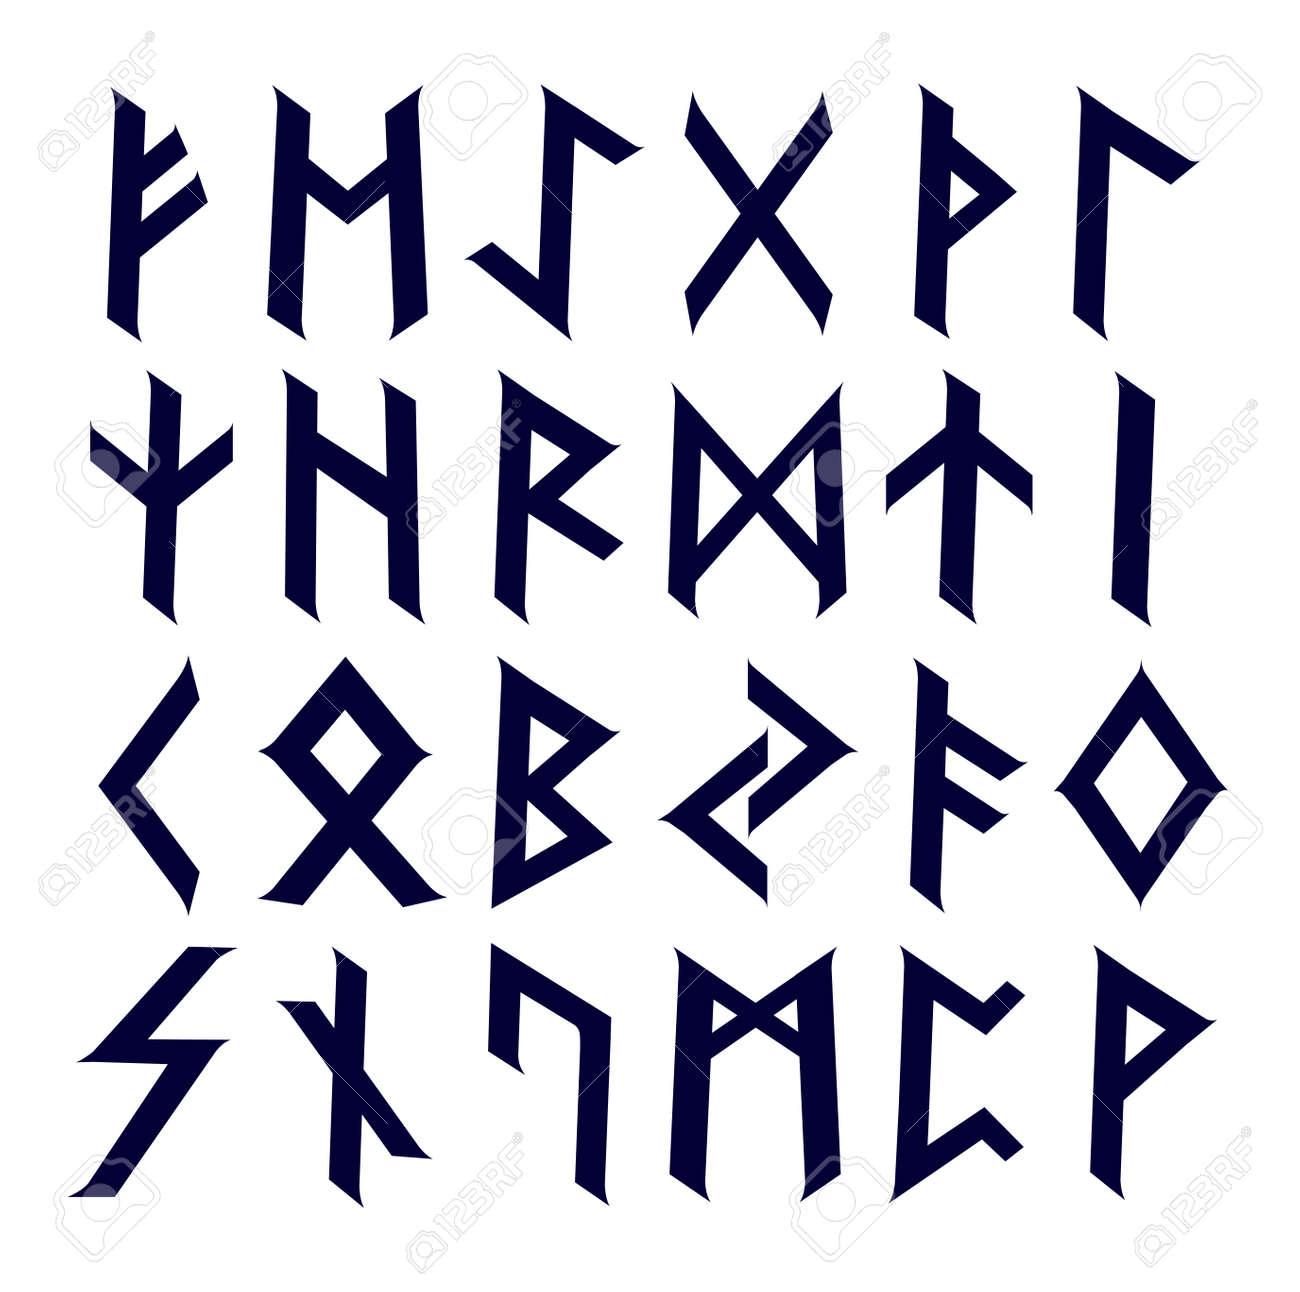 Ancient Celtic runes complete alphabet set - 37099437